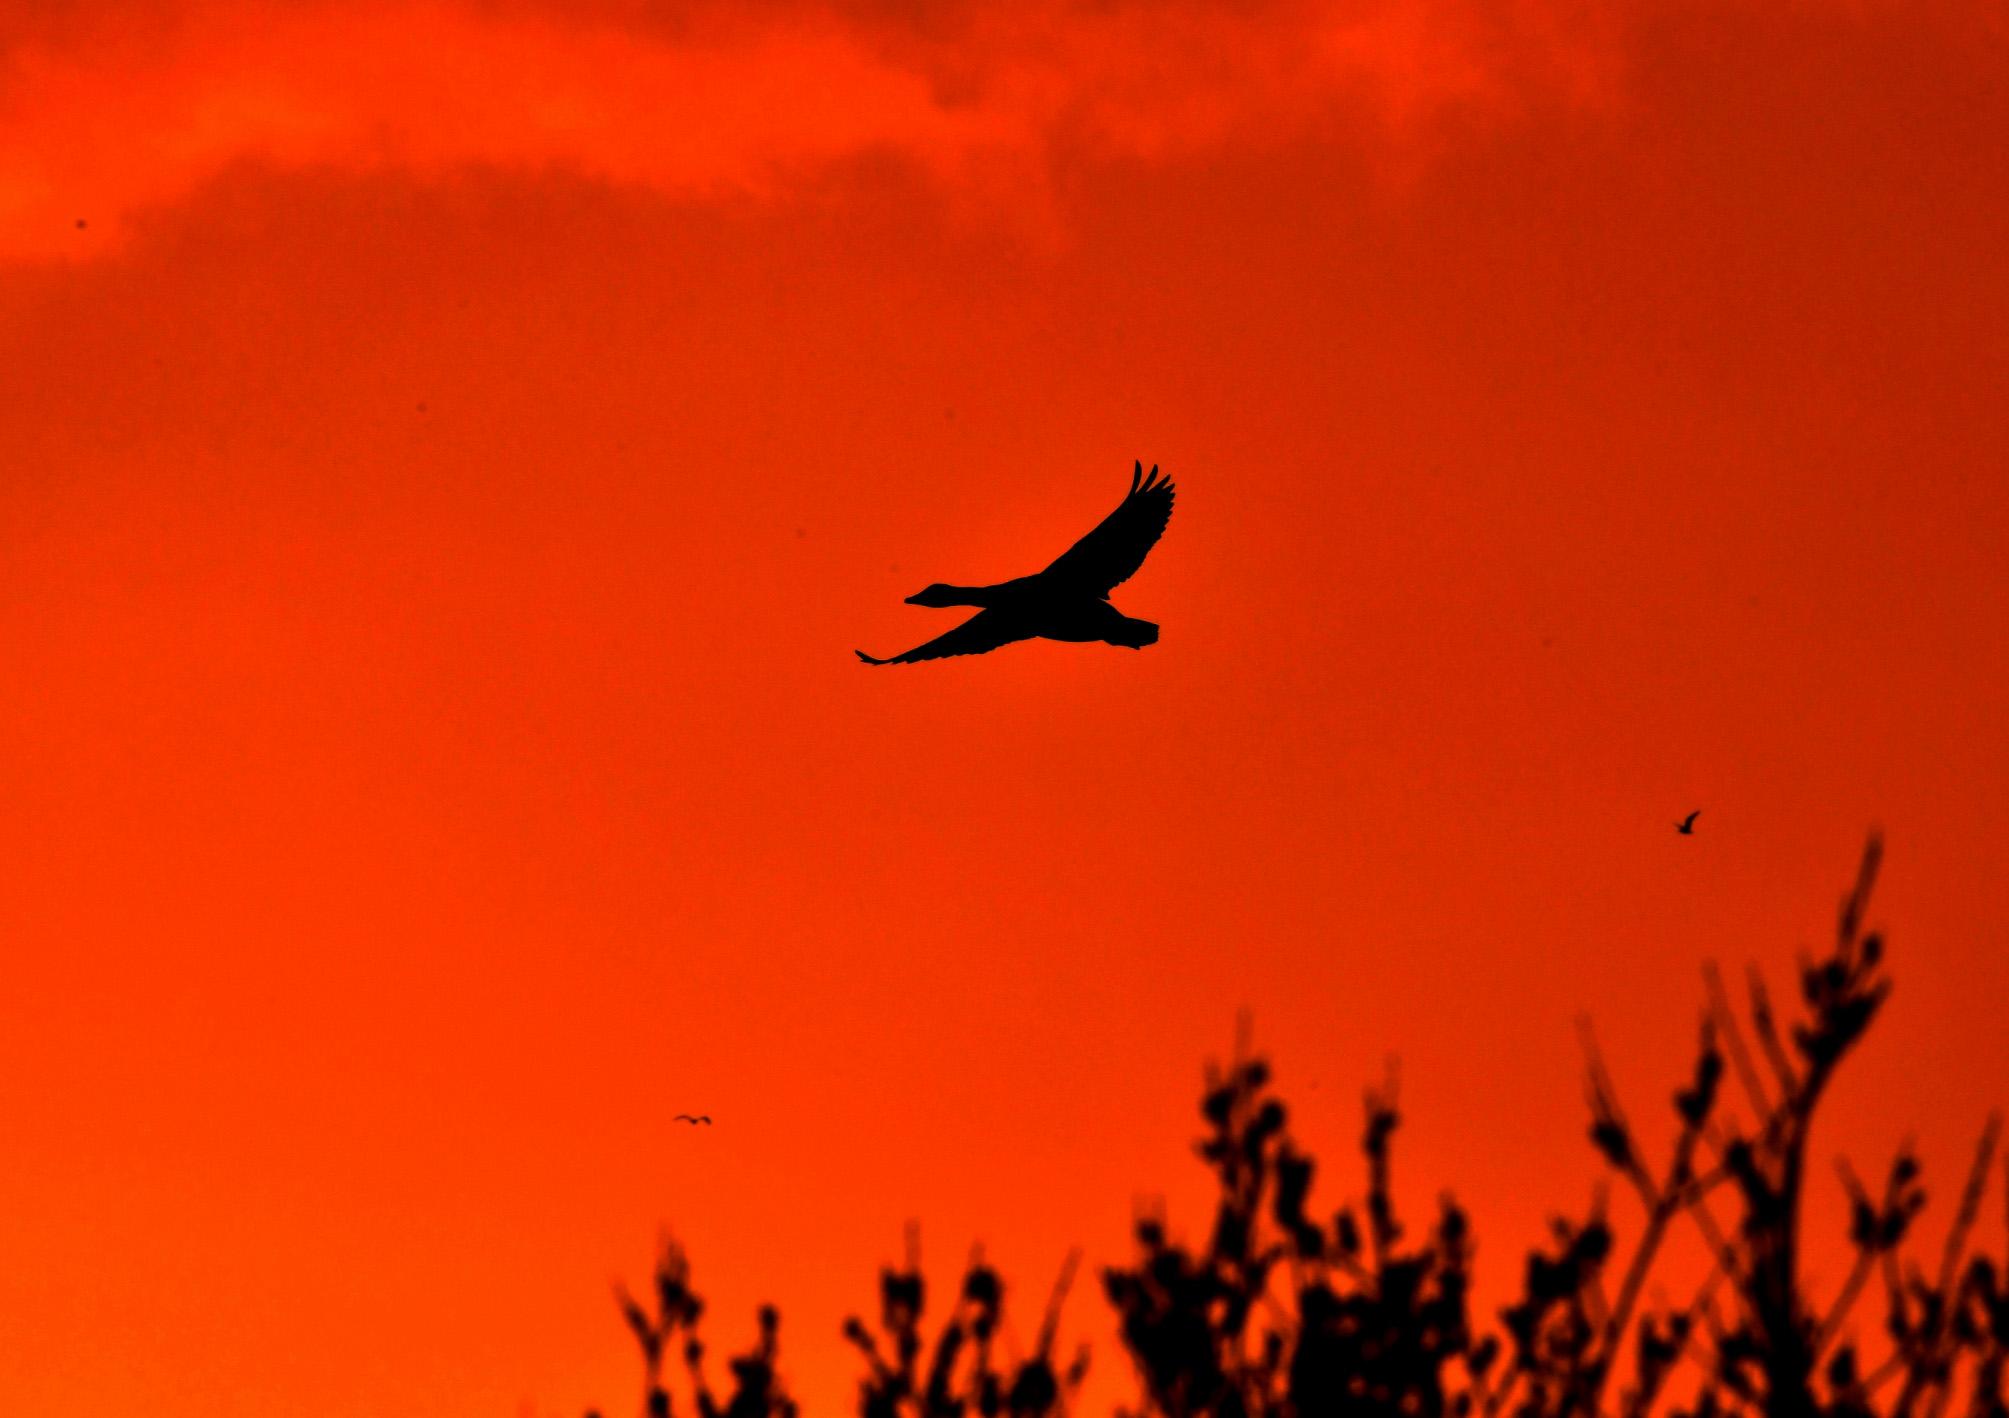 Een gans vliegt over ons heen tijdens het vlammende avondrood – Foto: ©Louis Fraanje